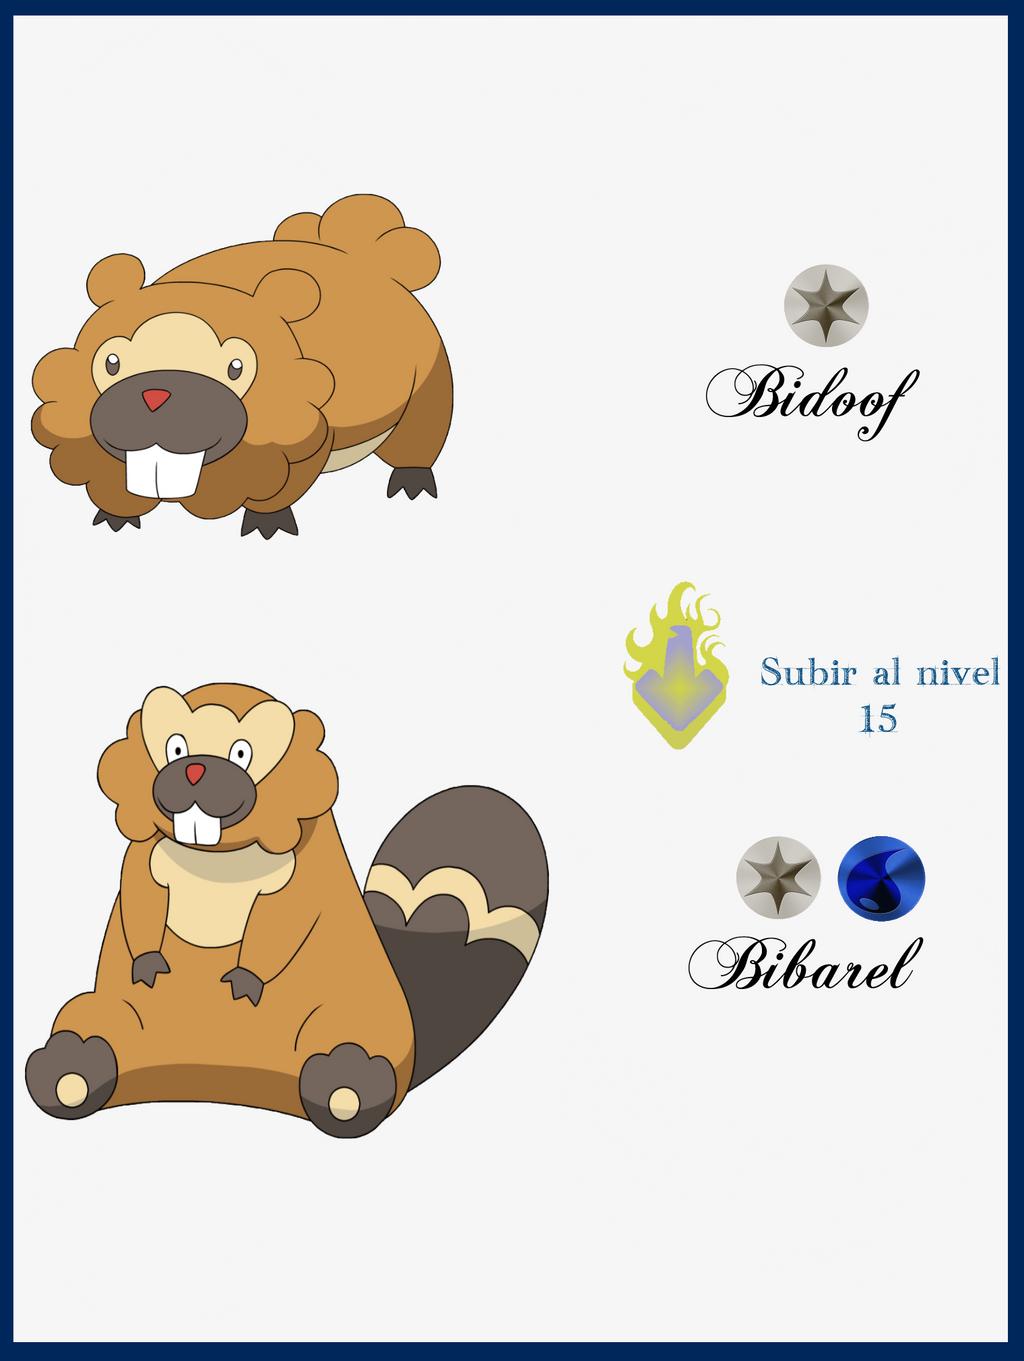 bidoof evolution - photo #2